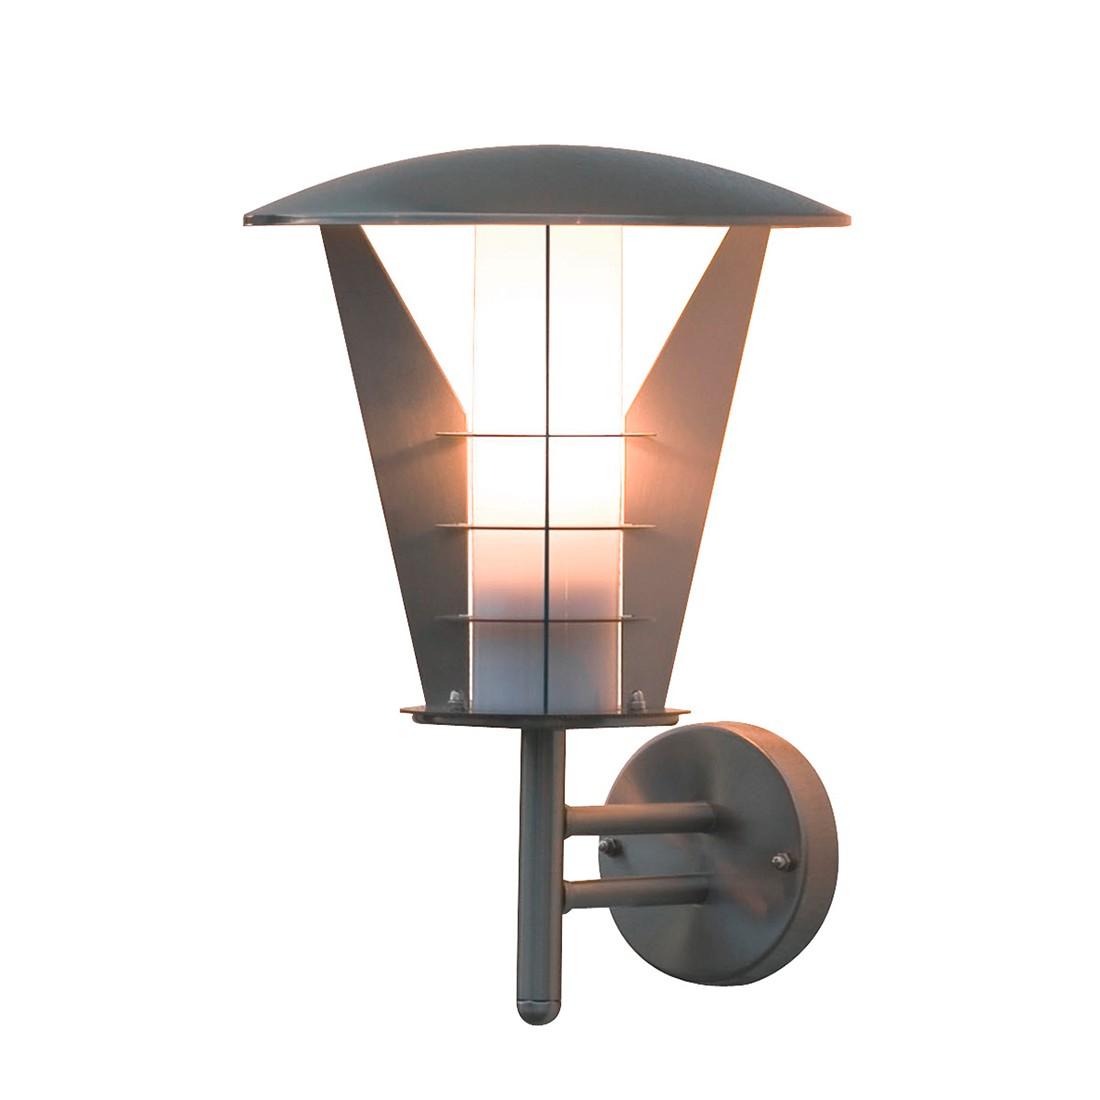 Außenleuchte Livorno ● Metall ● 1-flammig- Konstsmide A++